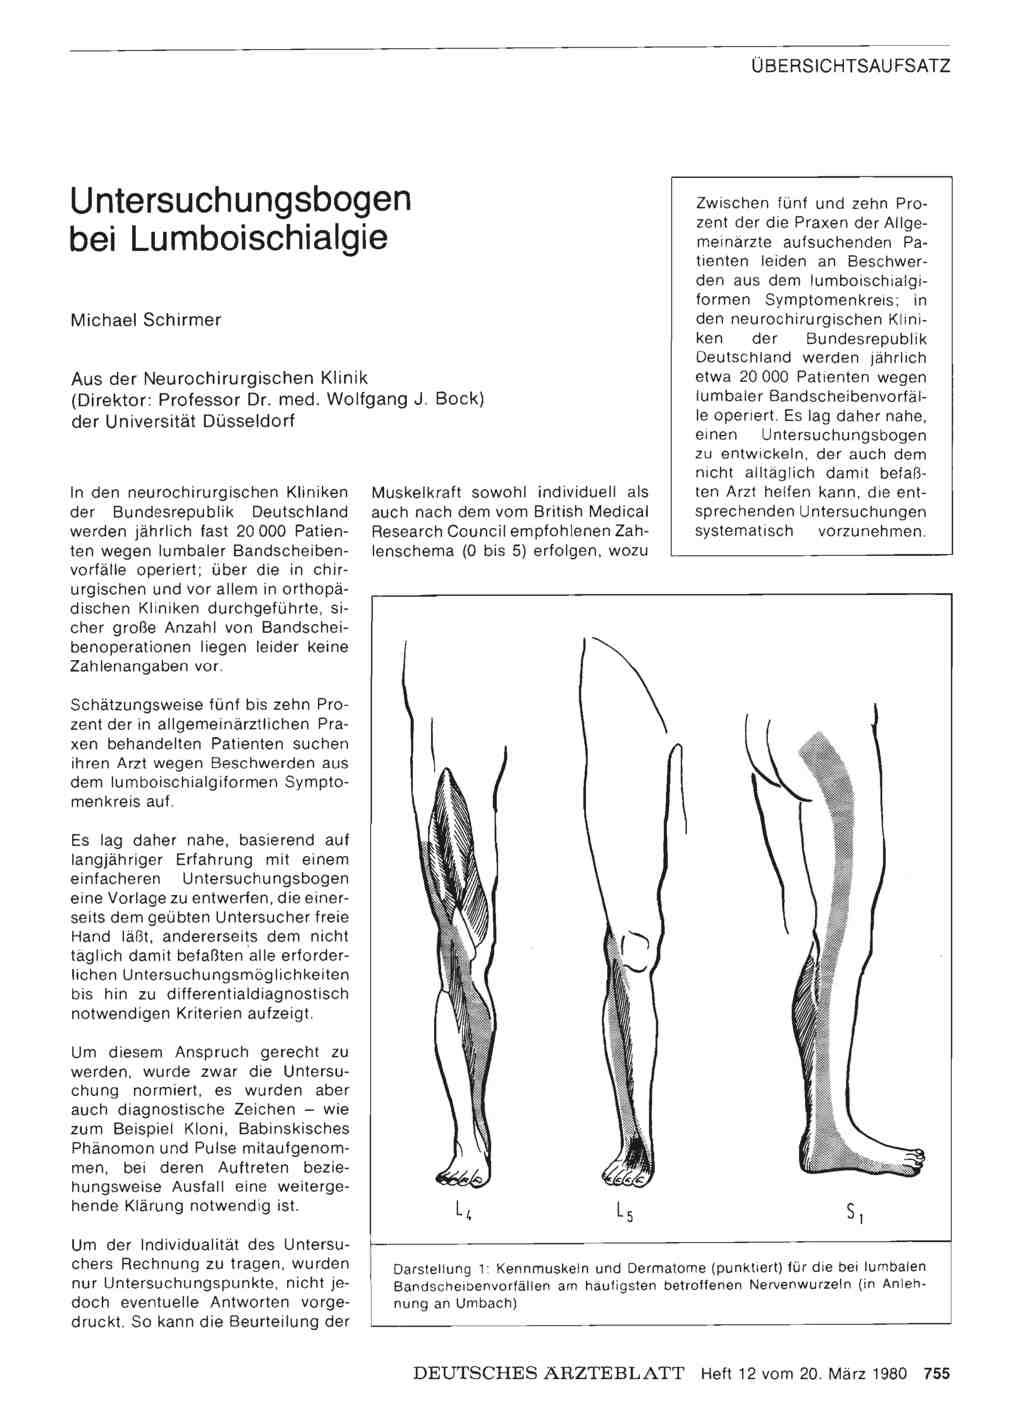 Untersuchungsbogen bei Lumboischialgie